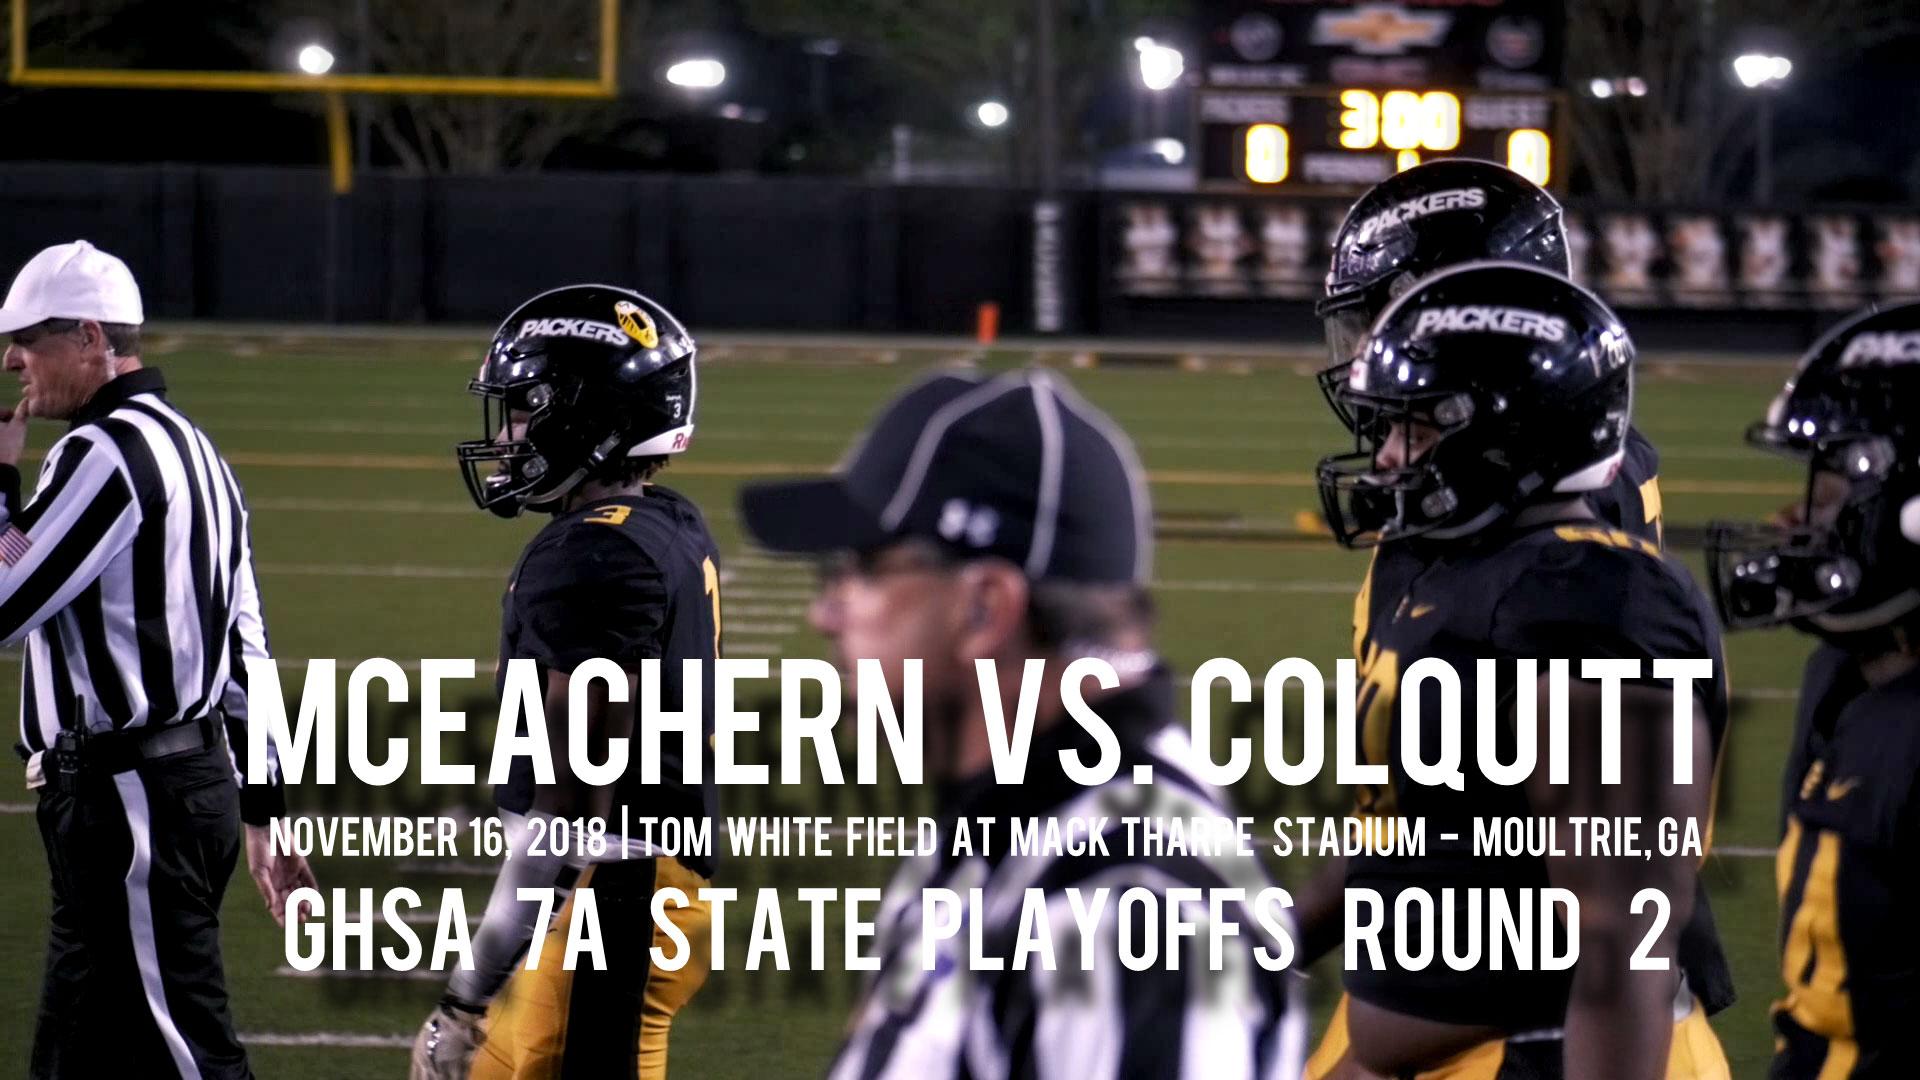 mceachern-vs-colquitt-round-2-GHSA-7A-State-Playoffs-2018